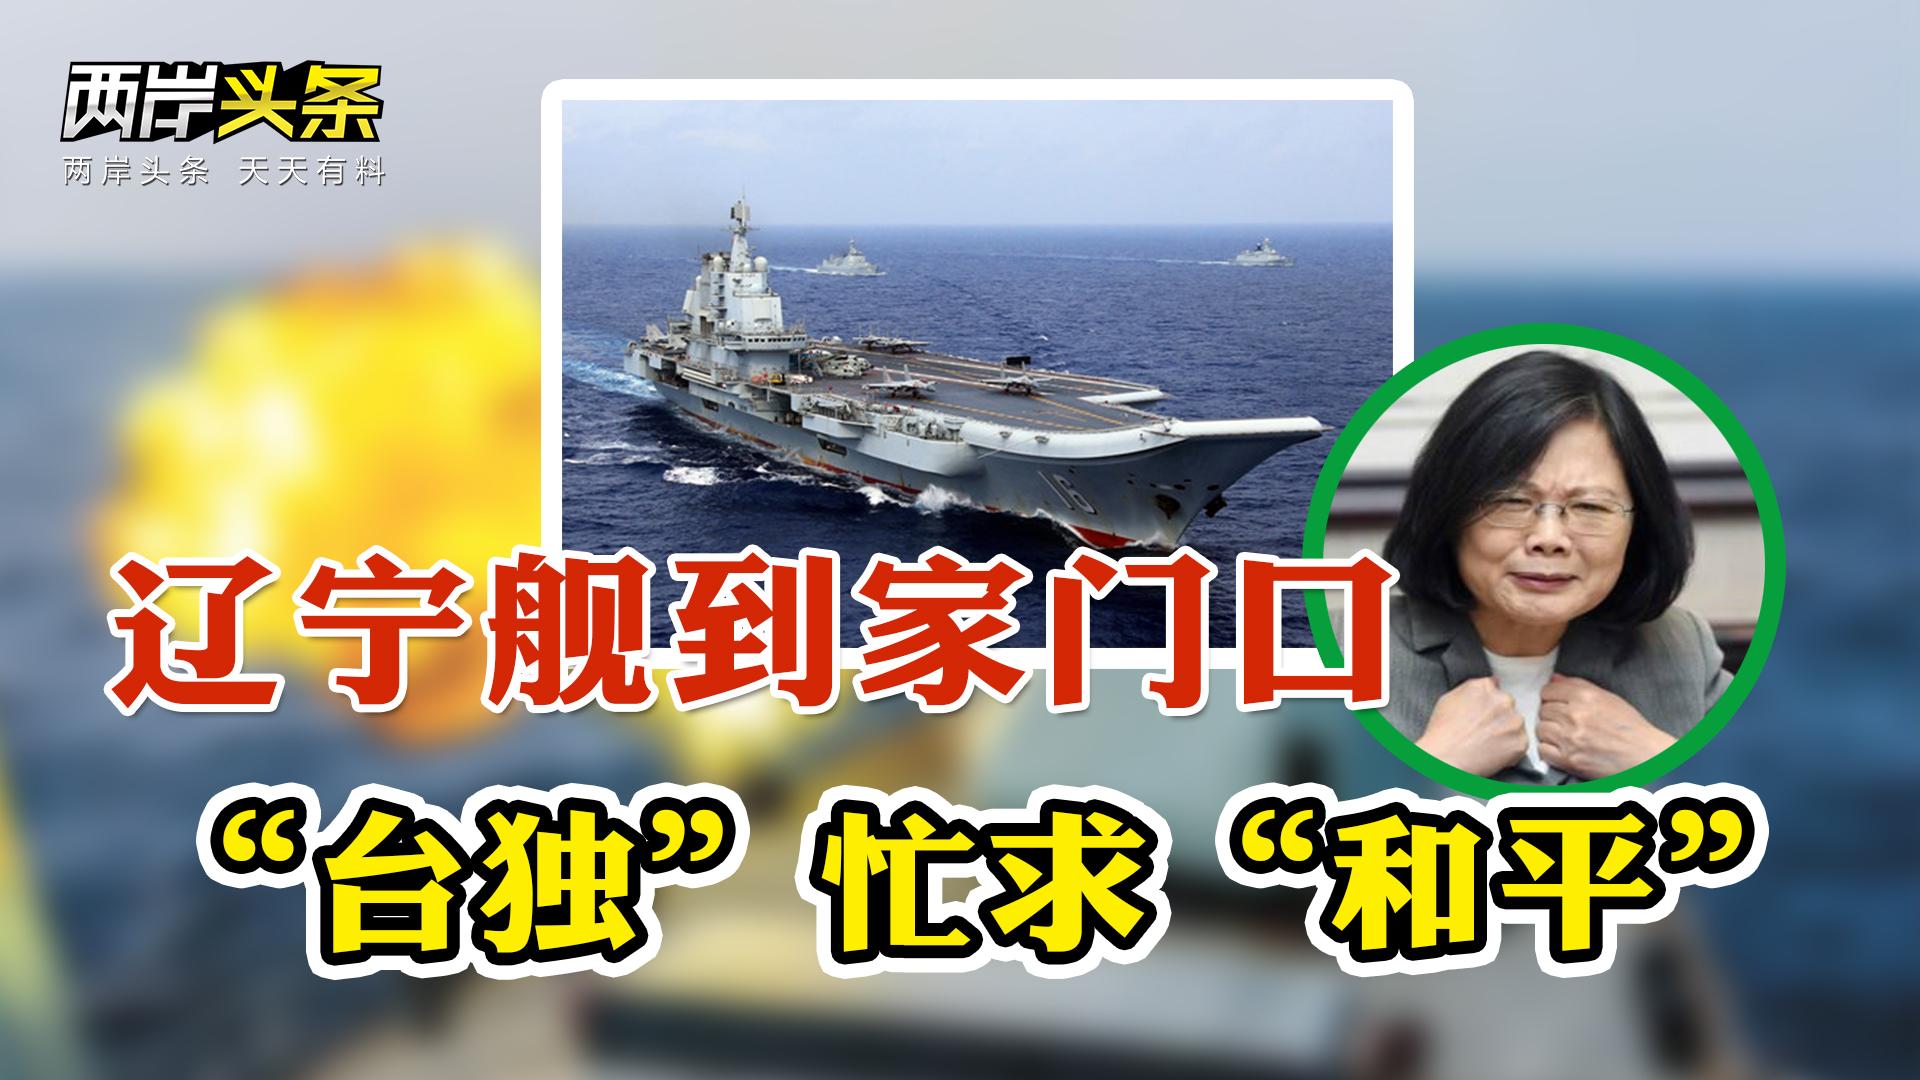 海军证实辽宁舰出海训练 台新兵没口罩训练暂停 林书豪遭绿网军围攻图片